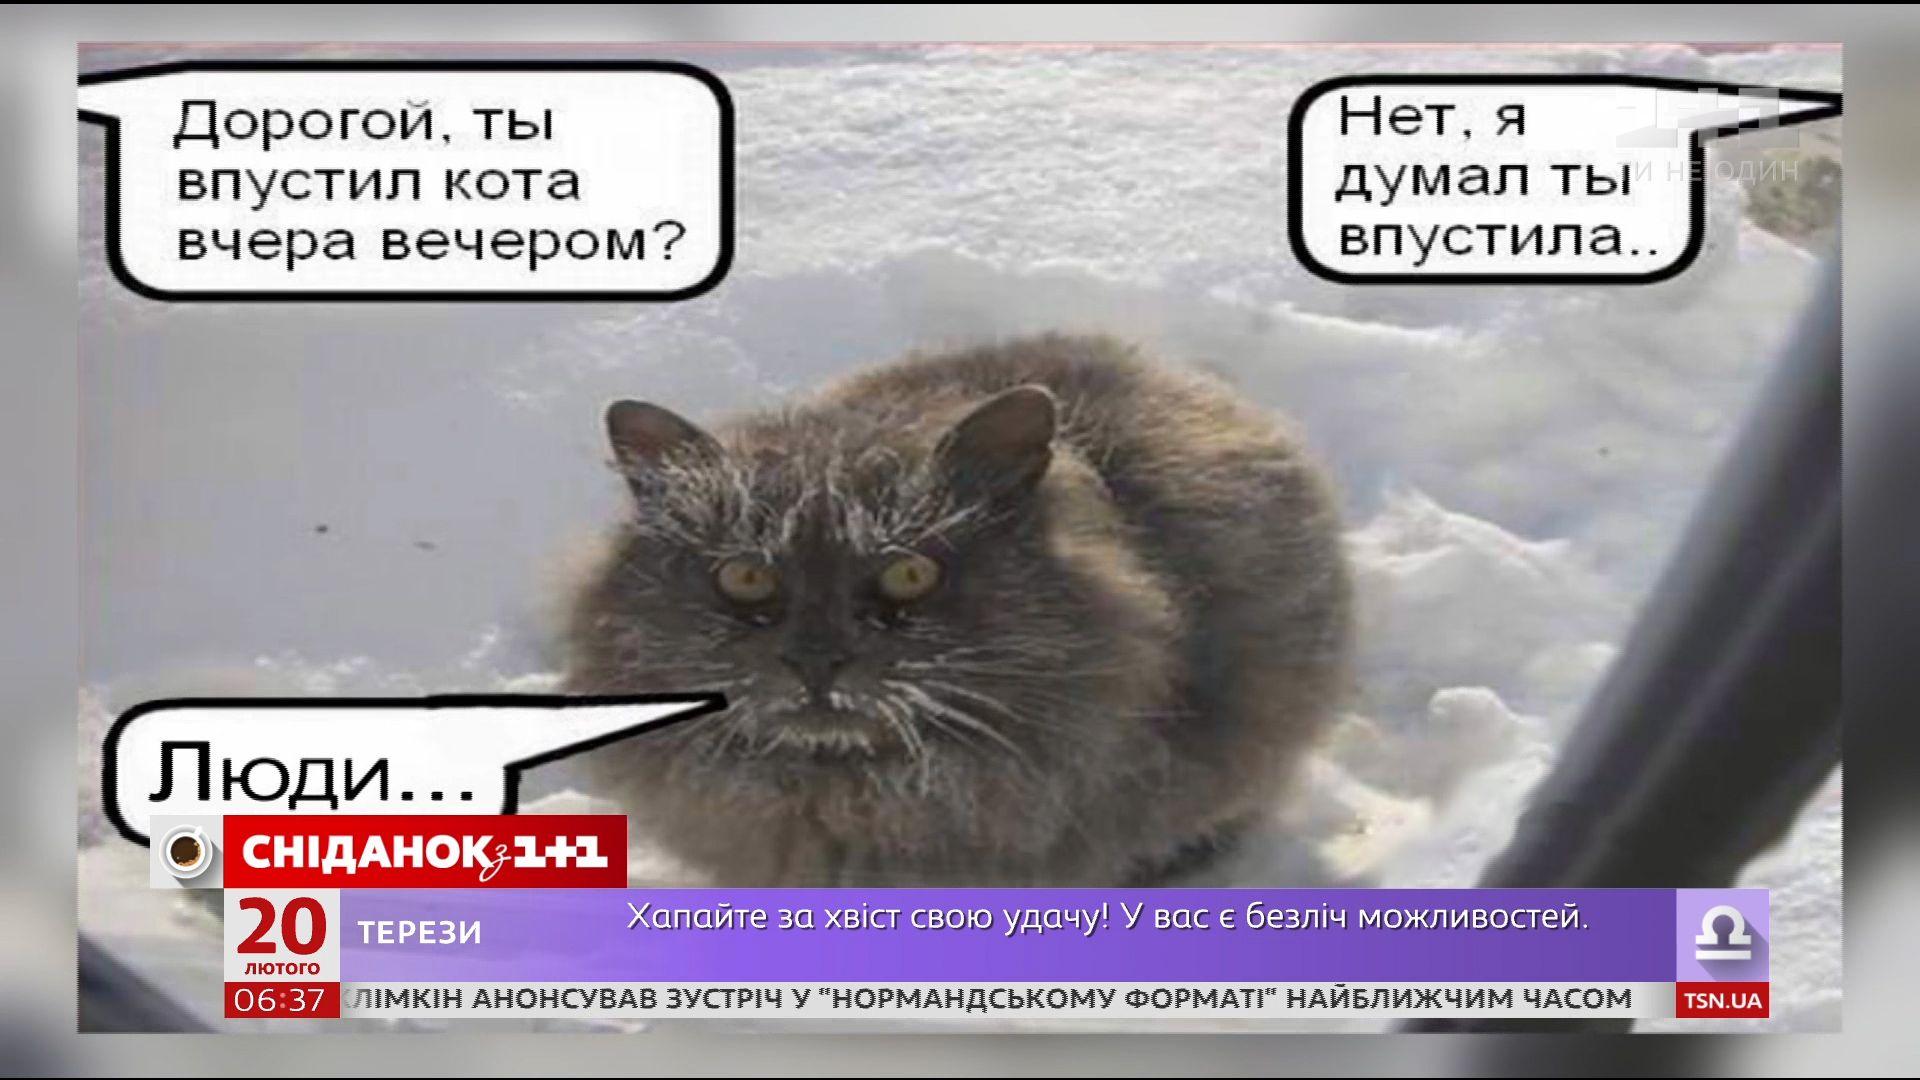 демотиваторы дорогой ты кота впустил женские эскизы, фото